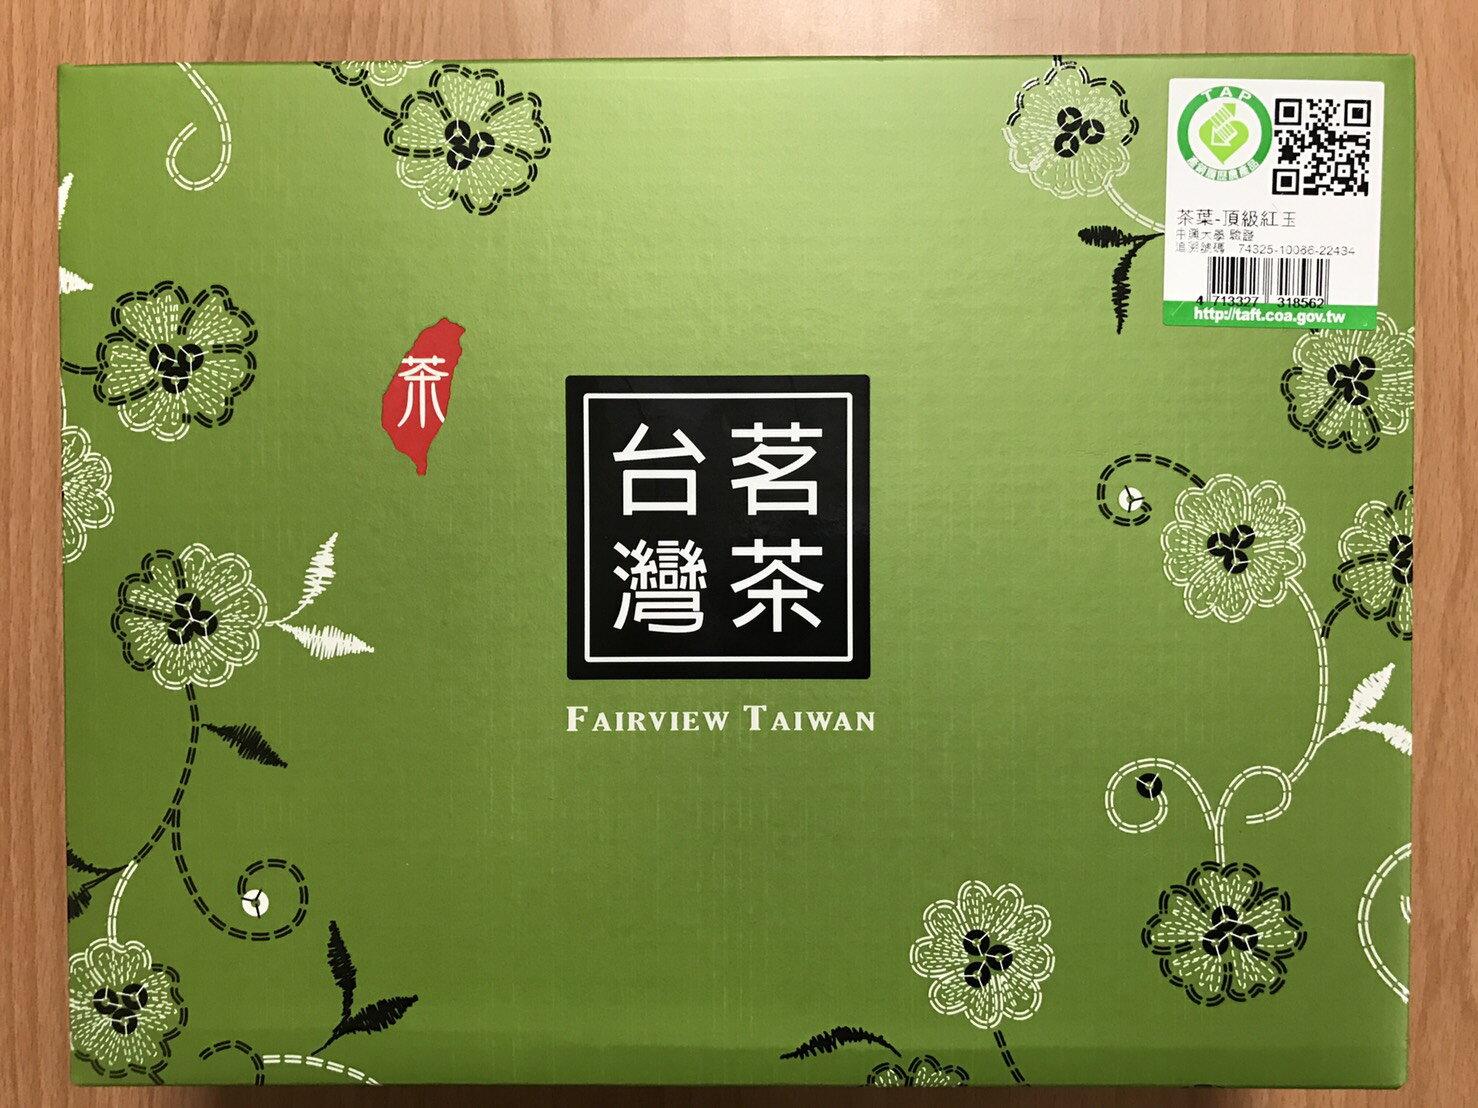 日月潭紅玉紅茶(台茶18號)禮盒,中興大學產銷履歷認證